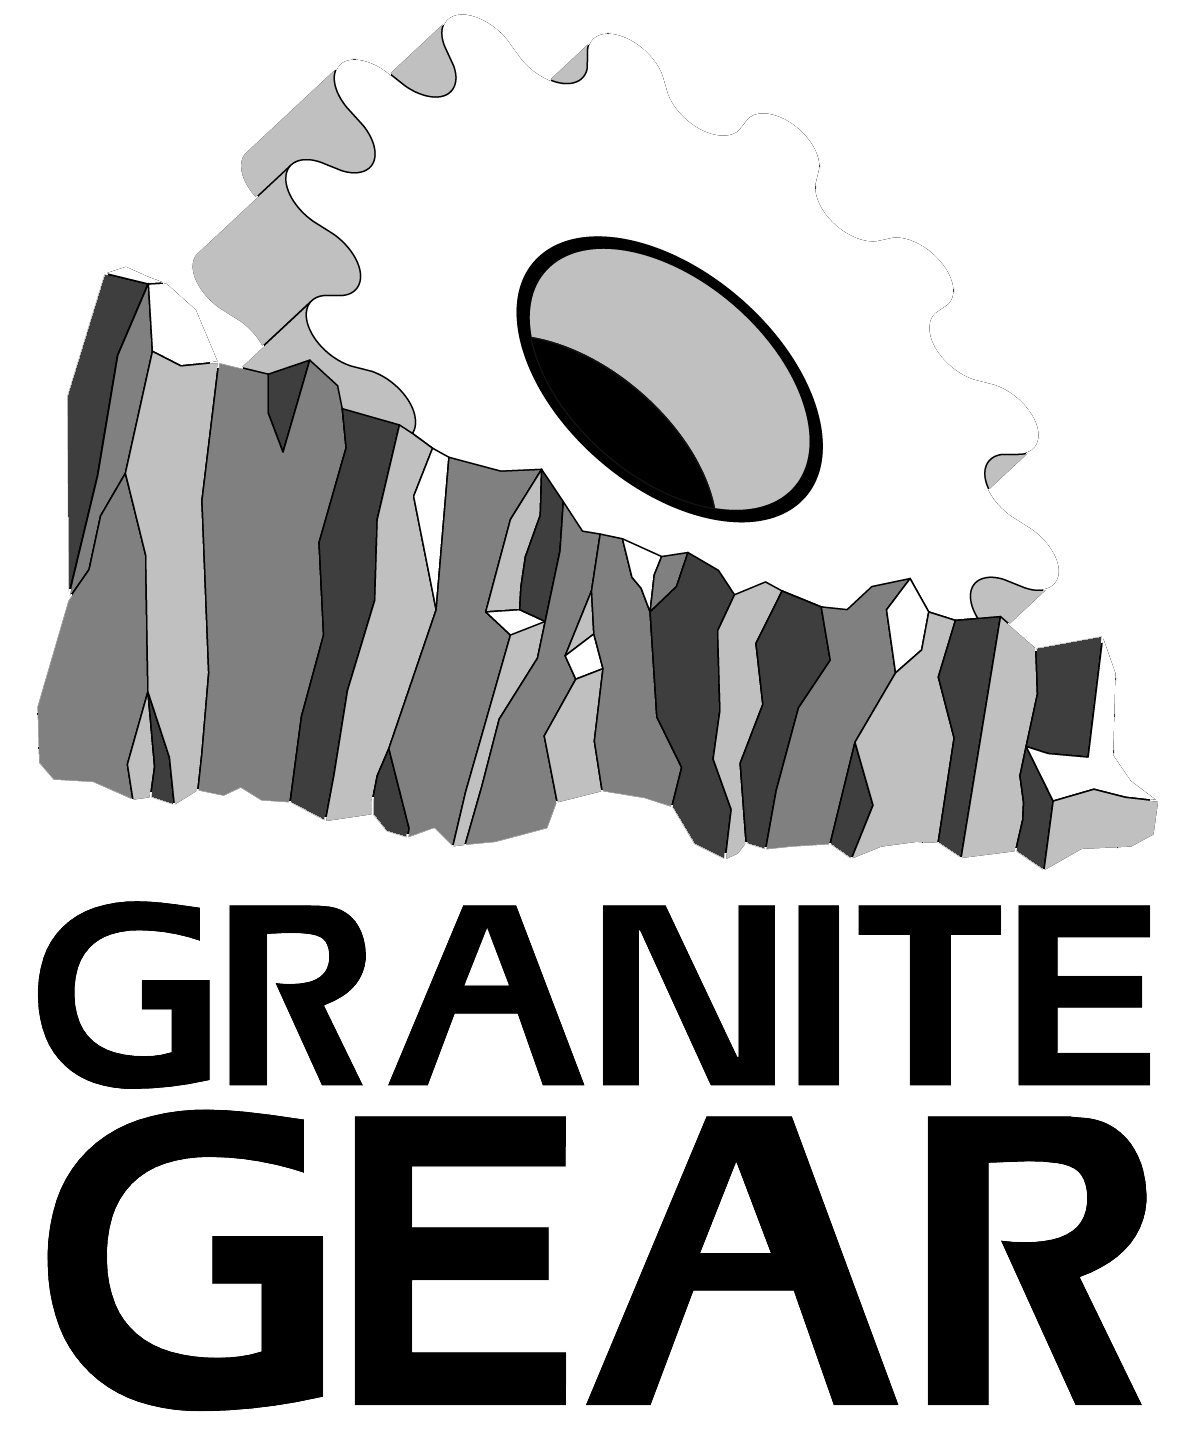 granitegear.blackltr.png